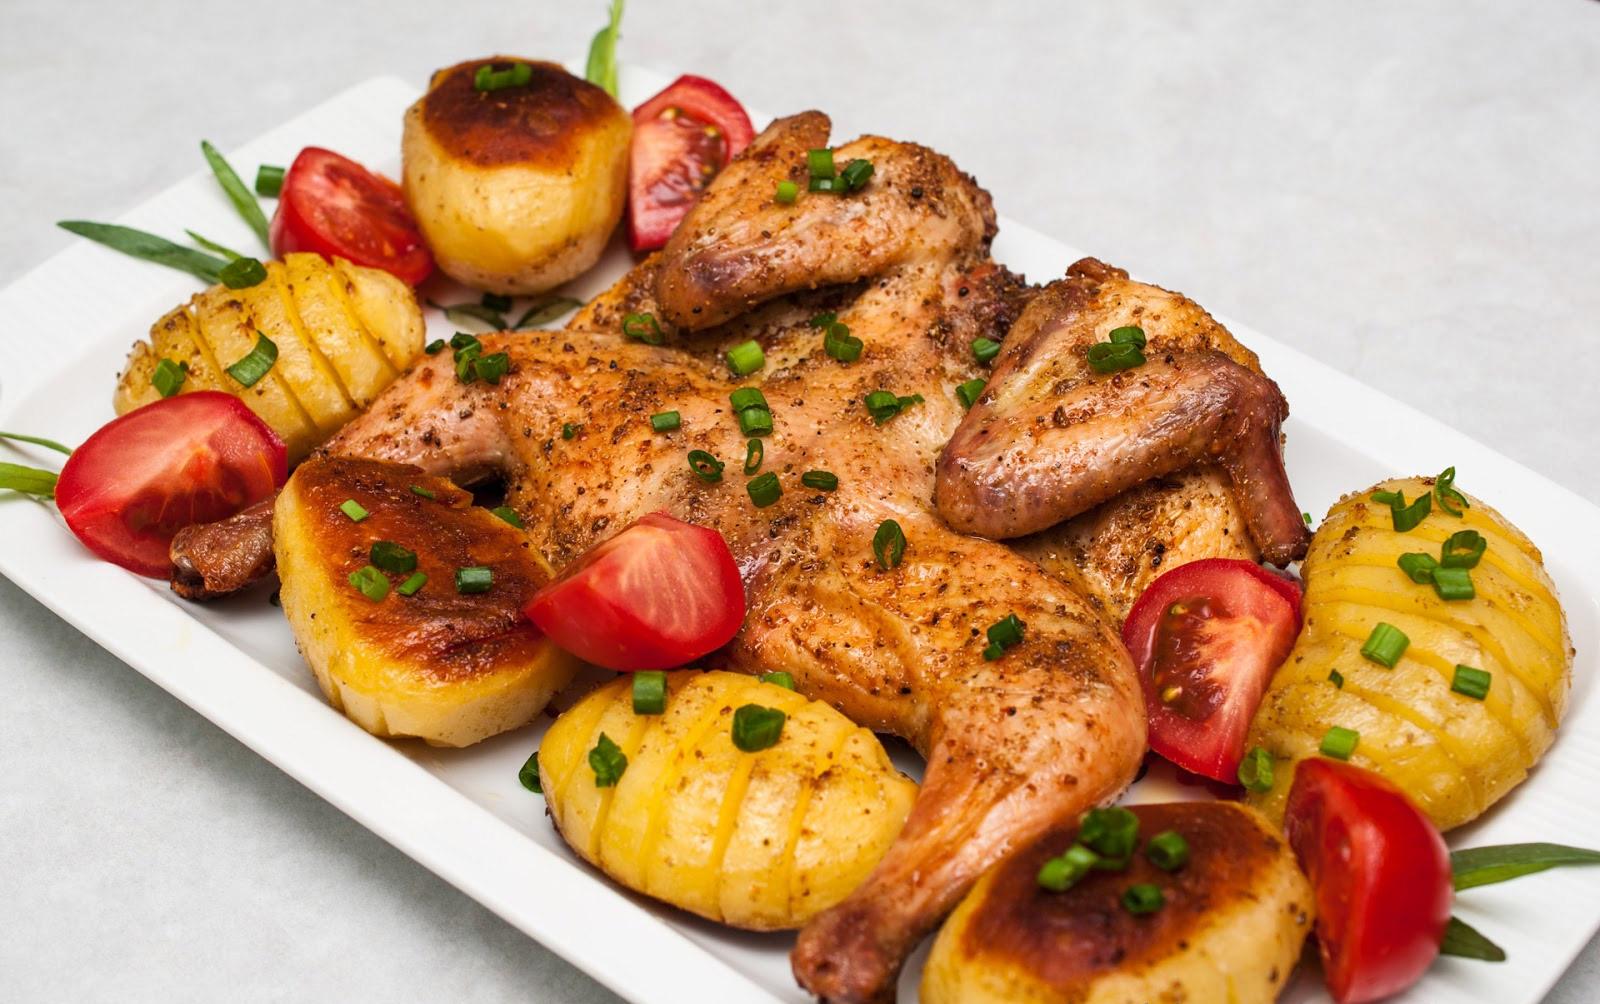 рецепты блюд из картофеля с курицей в духовке #3